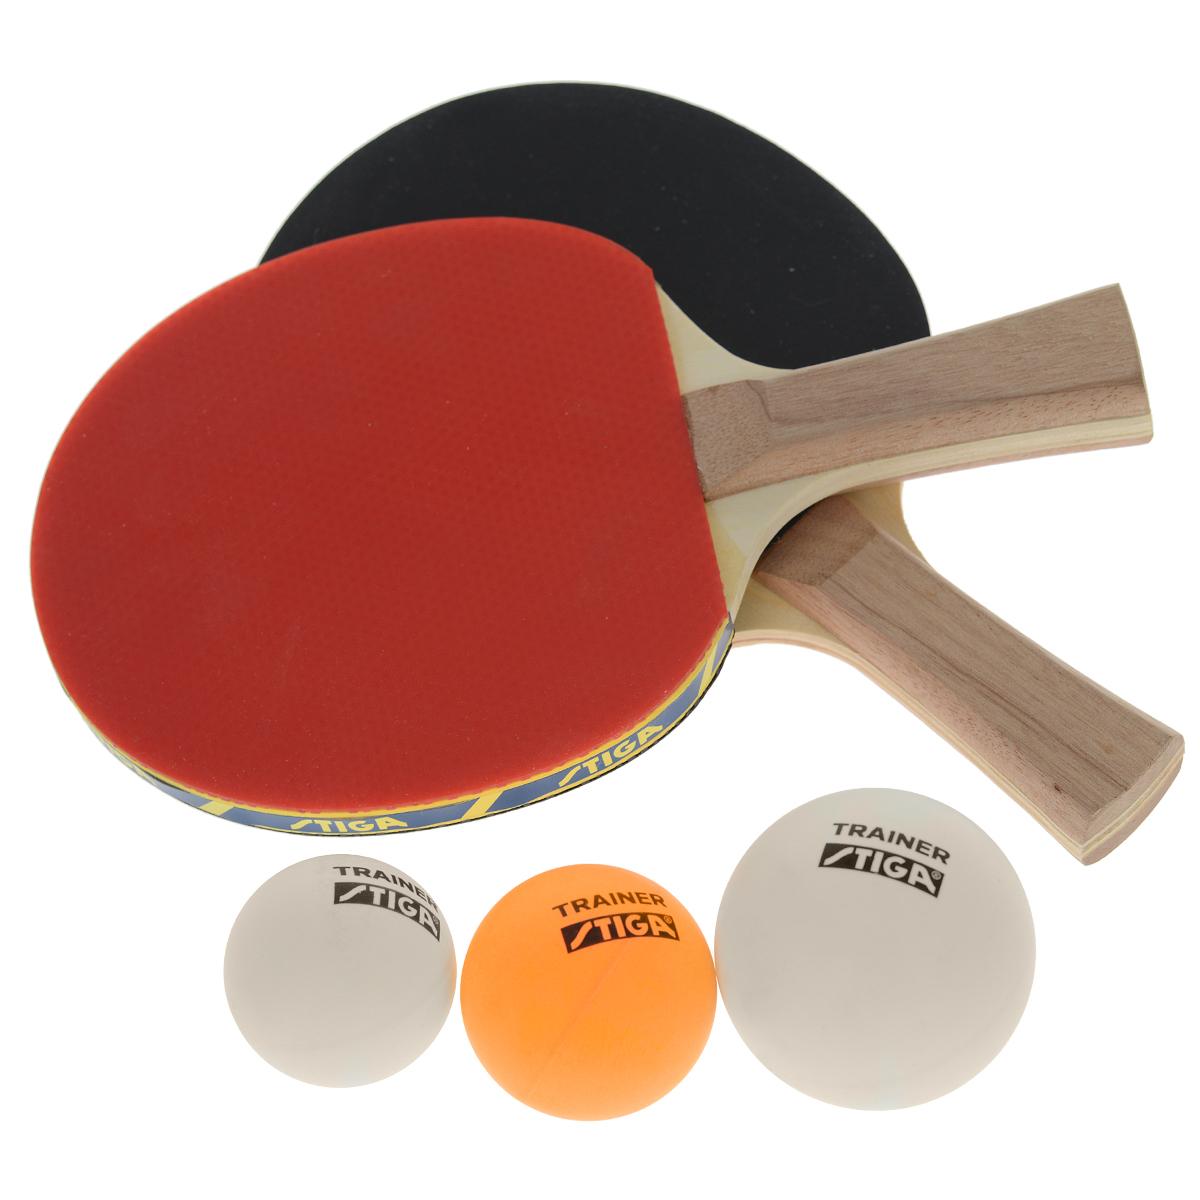 Набор для настольного тенниса Stiga Technique, 5 предметов86128Выбирая для своего ребенка детский настольный теннис в качестве развивающего вида спорта, вы принимаете удачное решение. Особенно сильно на успешность тренировок в первое время будет влиять правильность подобранной ракетки. Приобретая набор Technique, включающий в себя 2 ракетки и 3 мяча, вы не только даете ребенку возможность играть в теннис со своими друзьями, но и подбираете в первую очередь идеально сбалансированное для детской руки изделие.